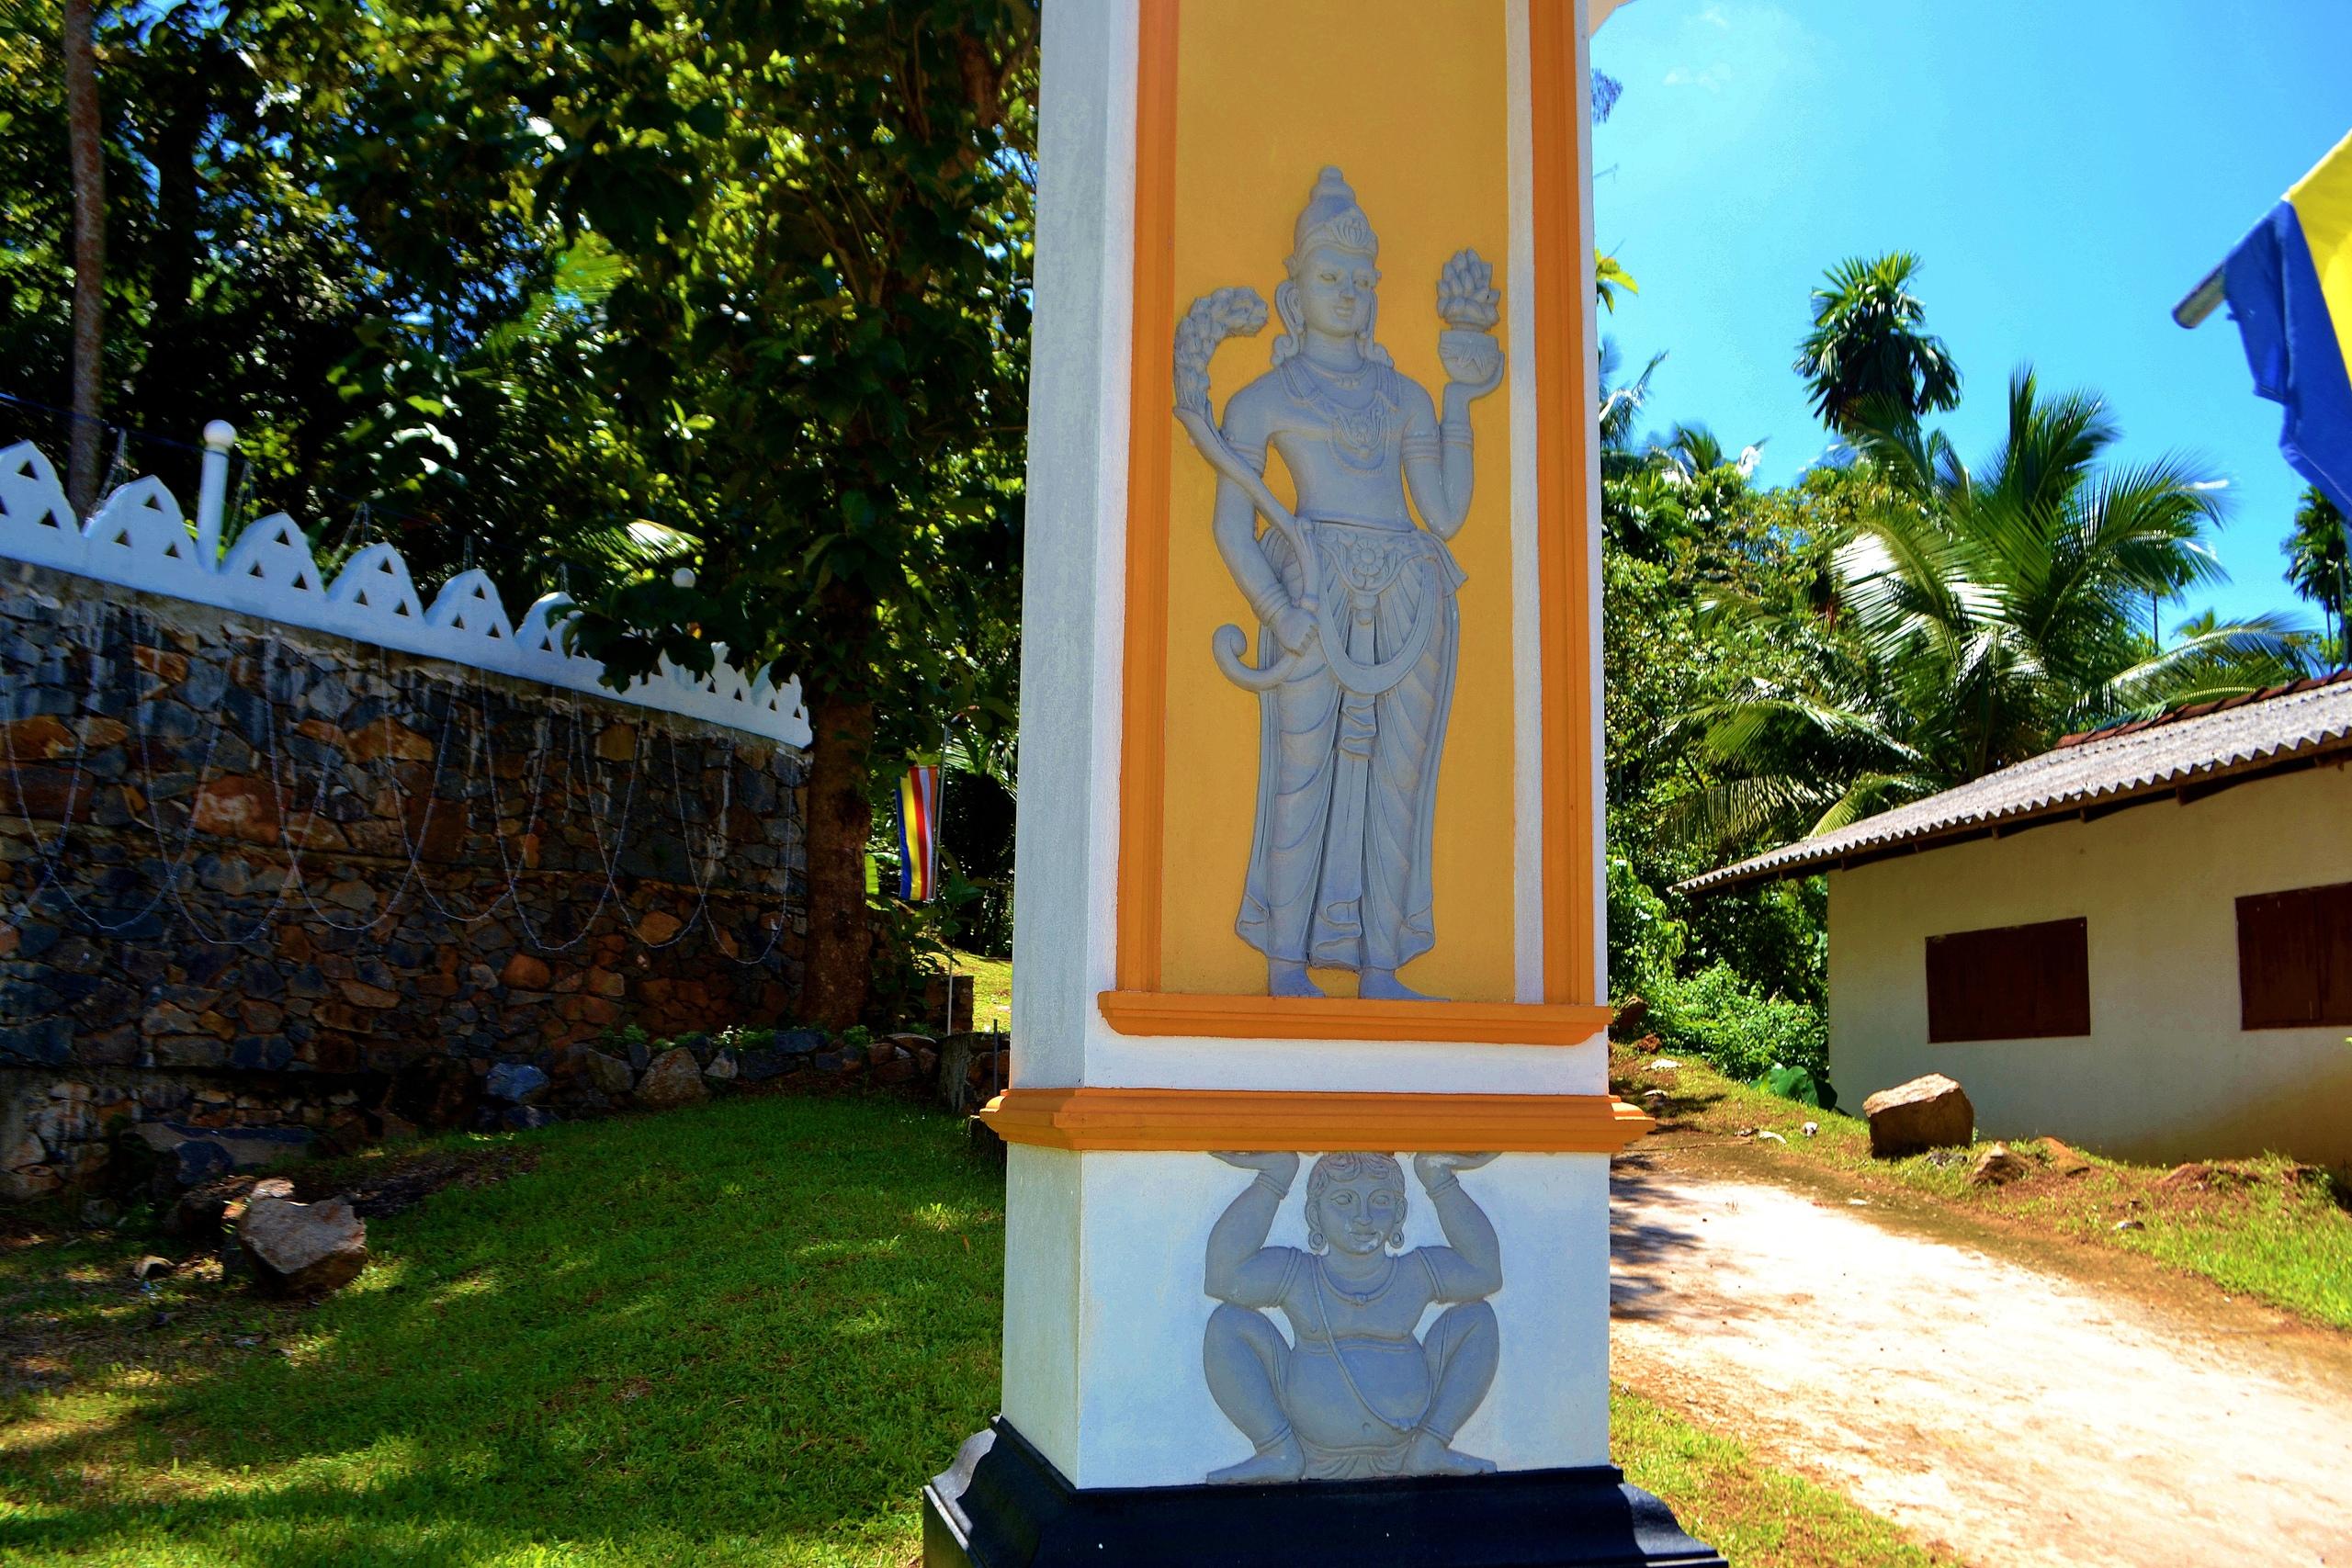 Шри Ланка (фото) - Страница 2 QVACr1vNXzI